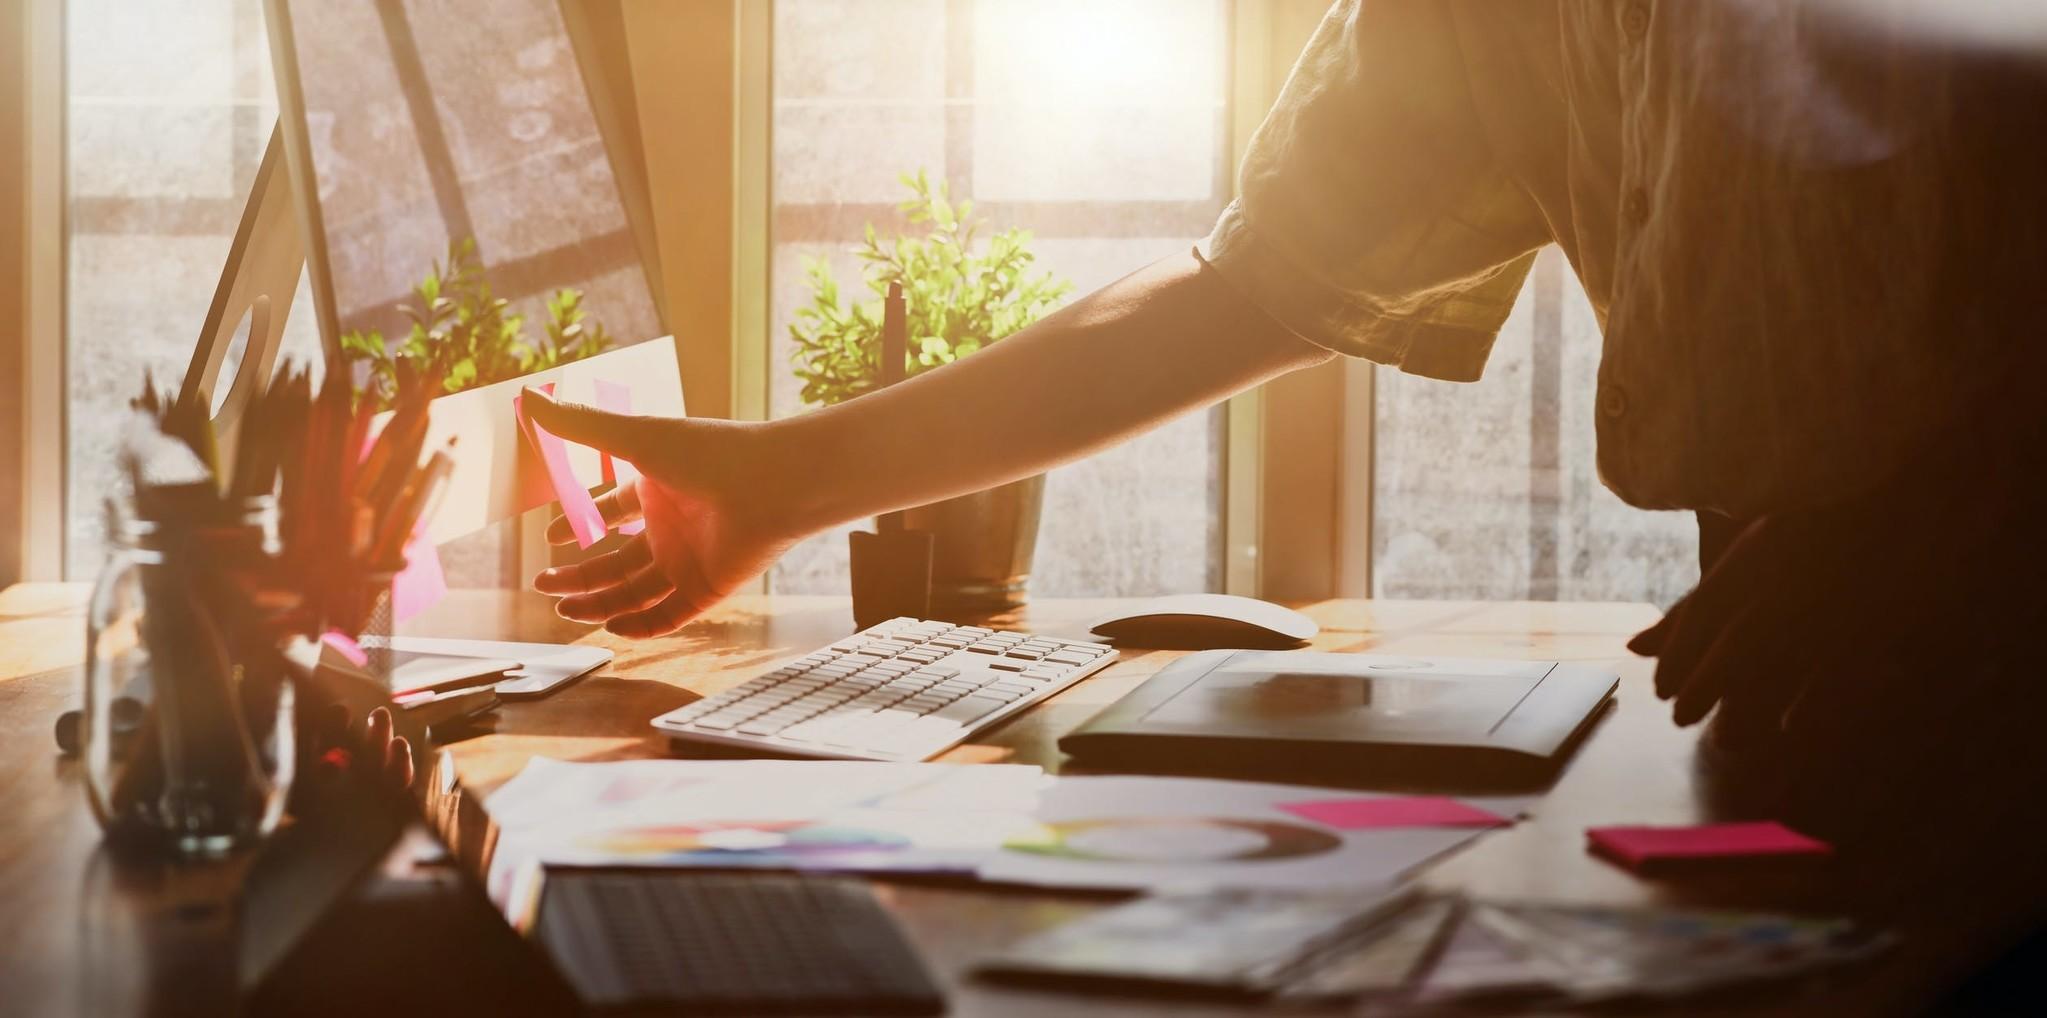 Von zu Hause aus arbeiten? Sorgen Sie für gute Arbeitsbeleuchtung